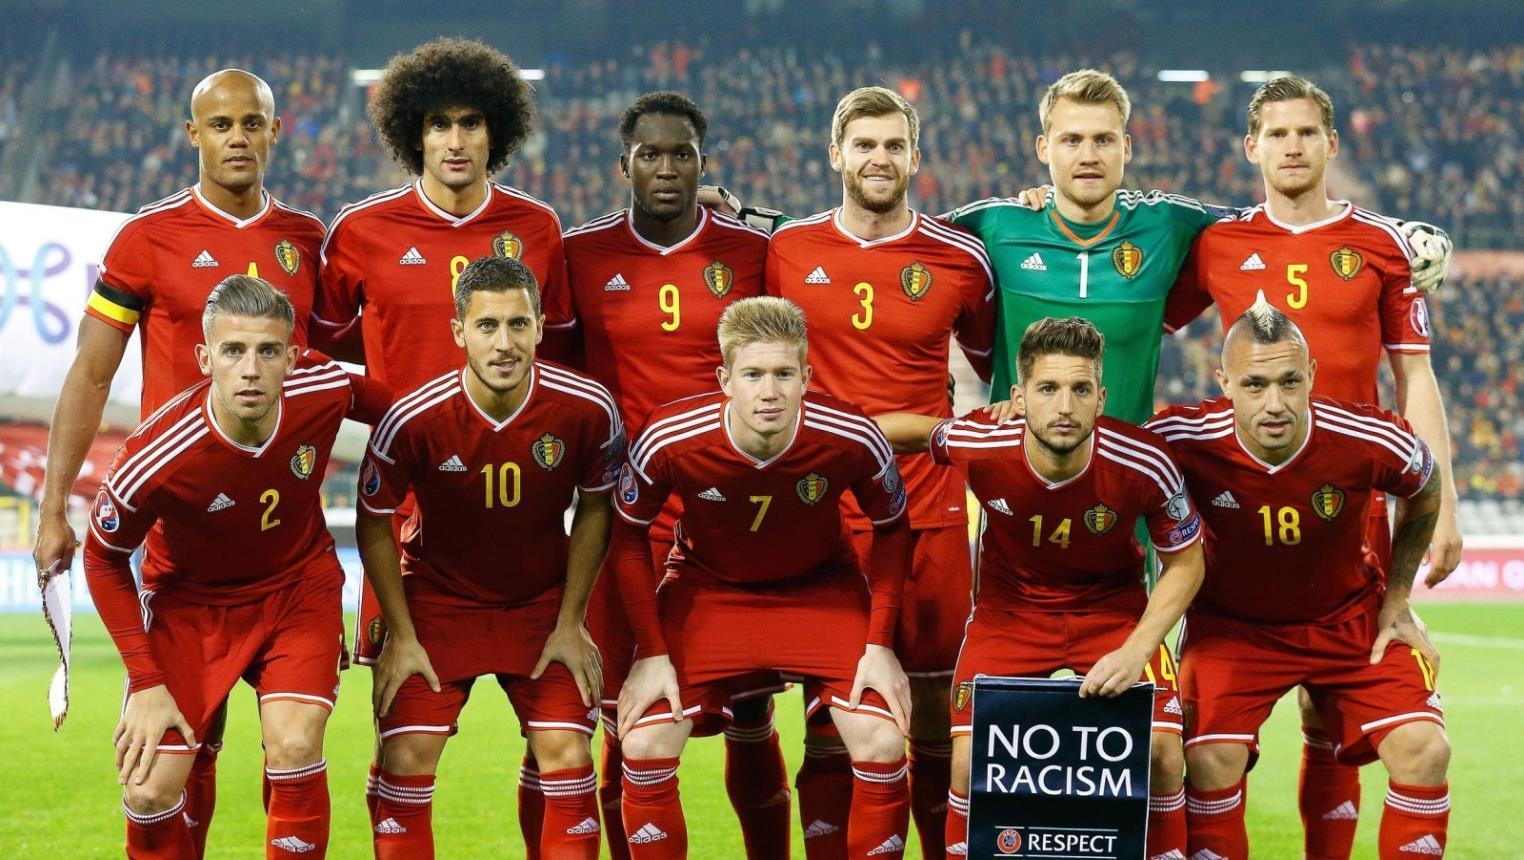 منتخب بلجيكا لكرة القدم اقرأ السوق المفتوح